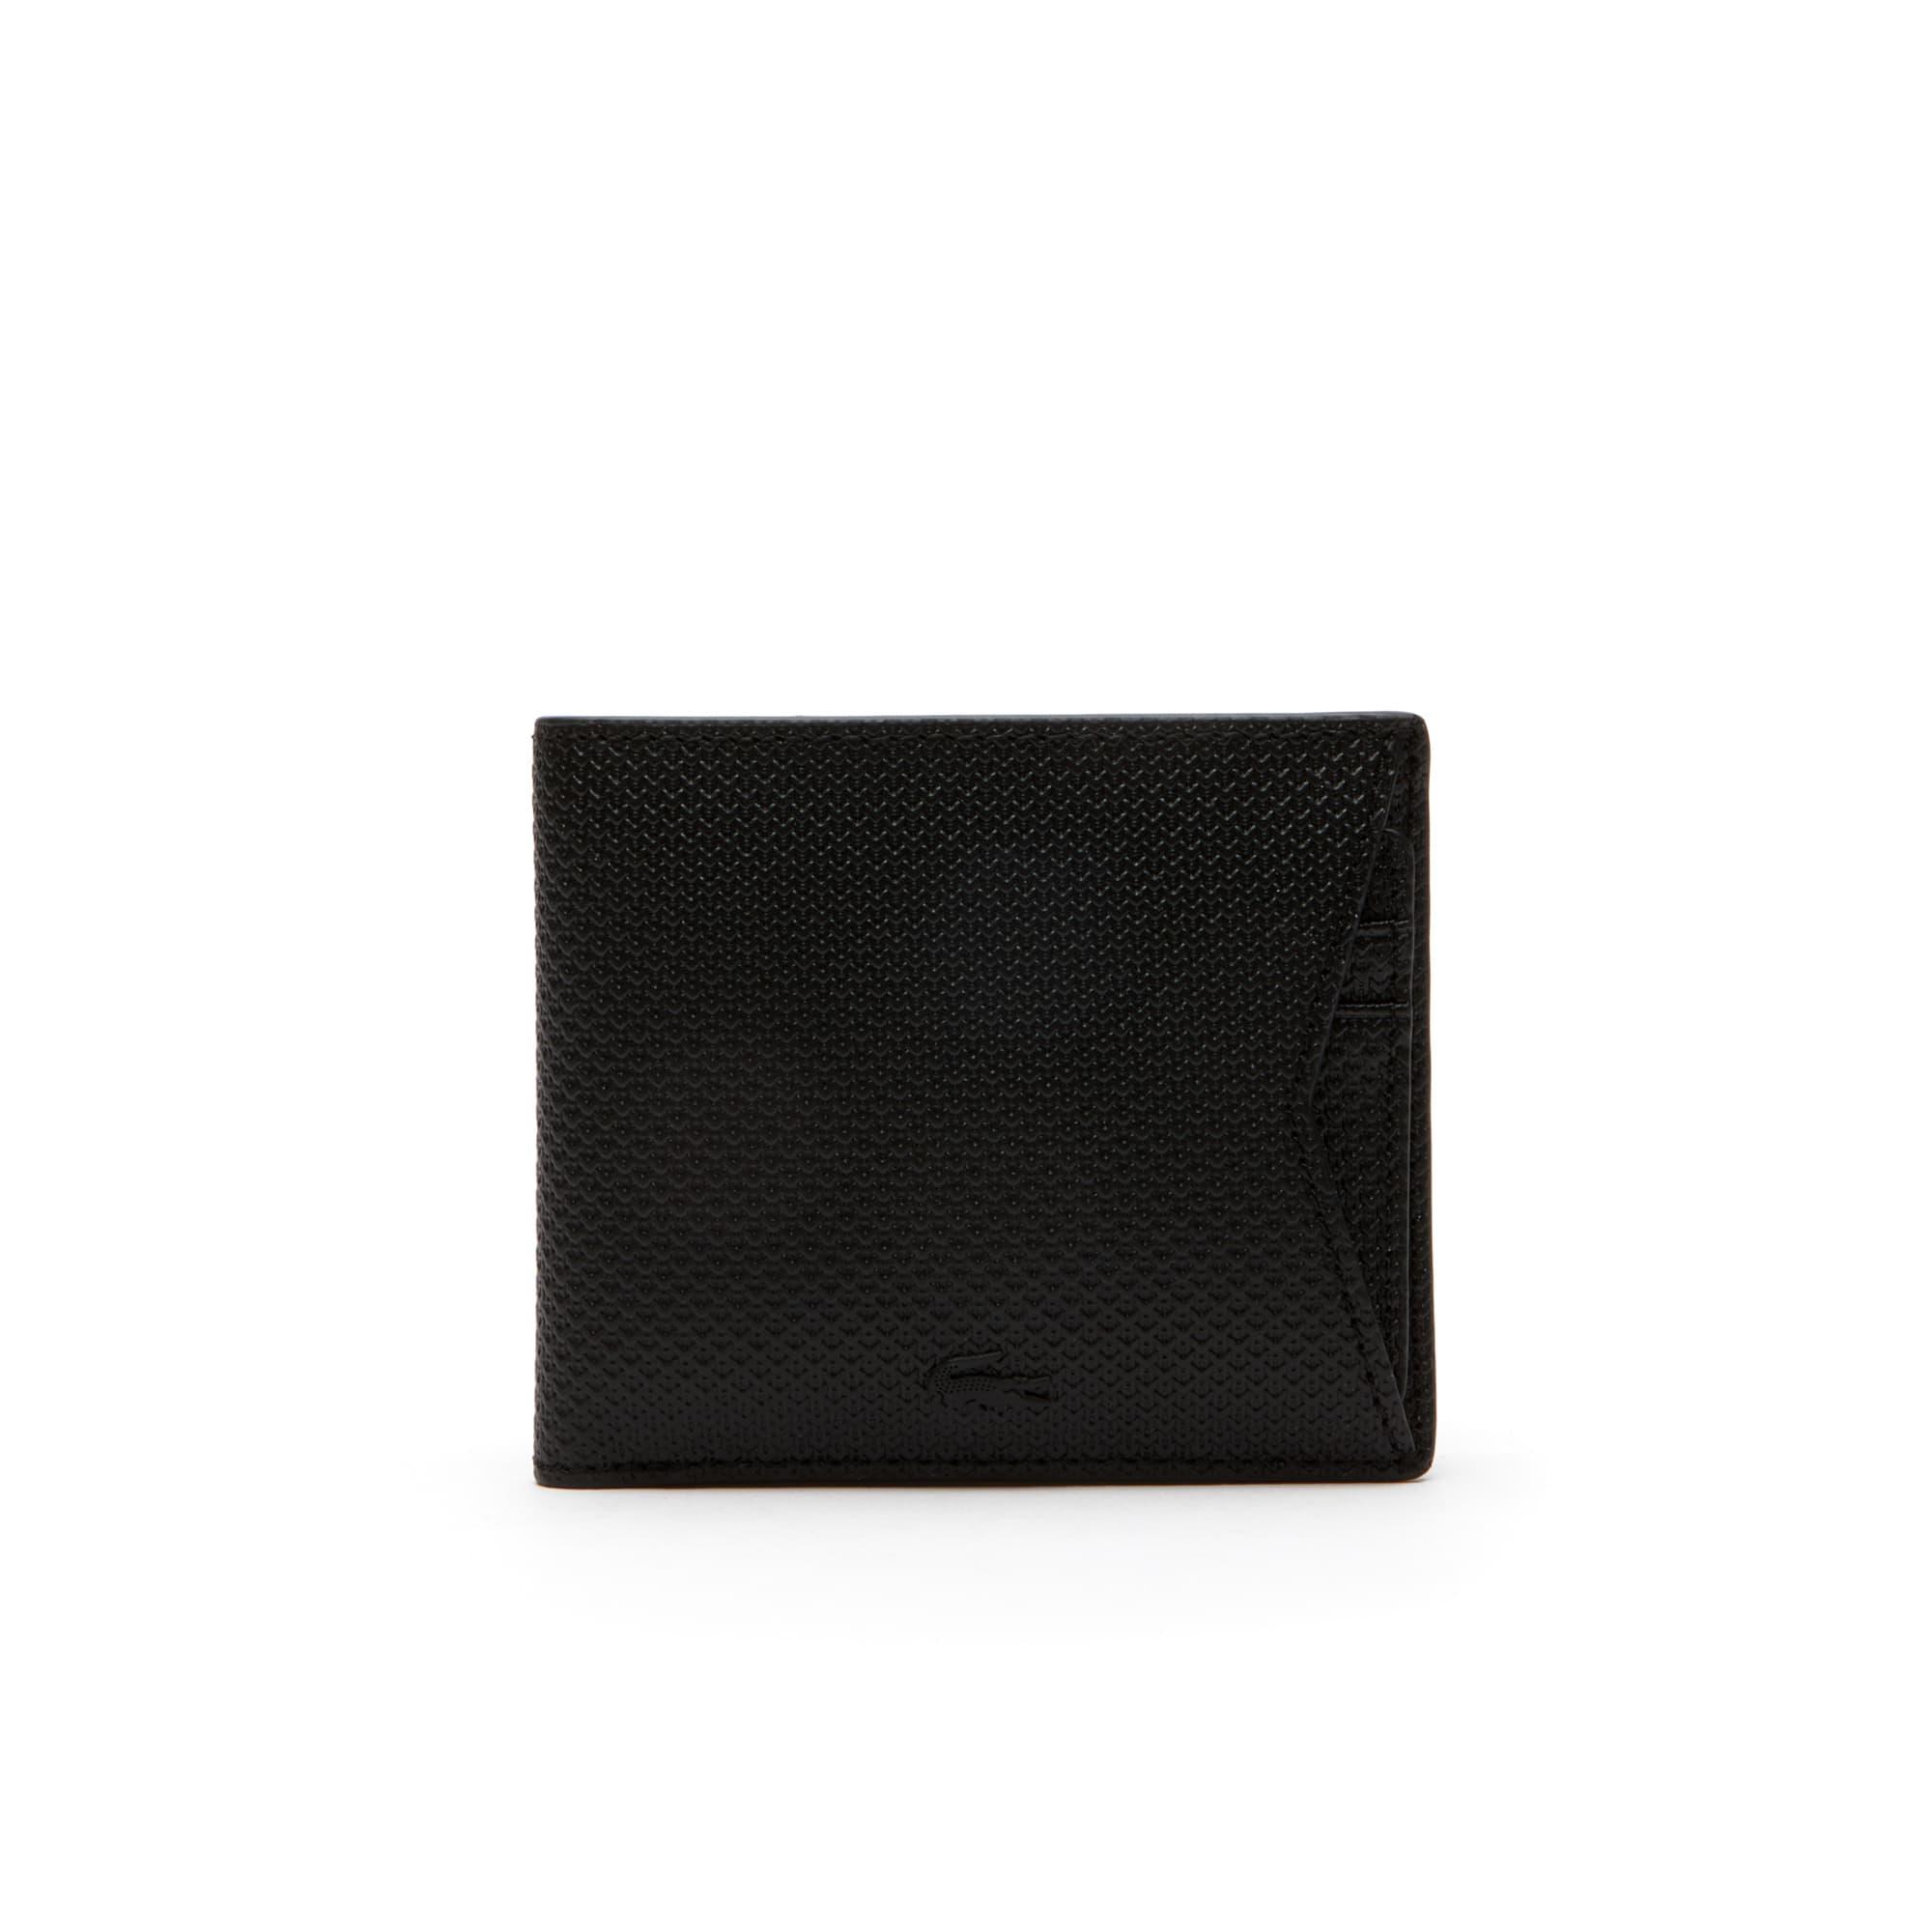 Portefeuille avec porte-cartes amovible Chantaco en cuir monochrome enduit